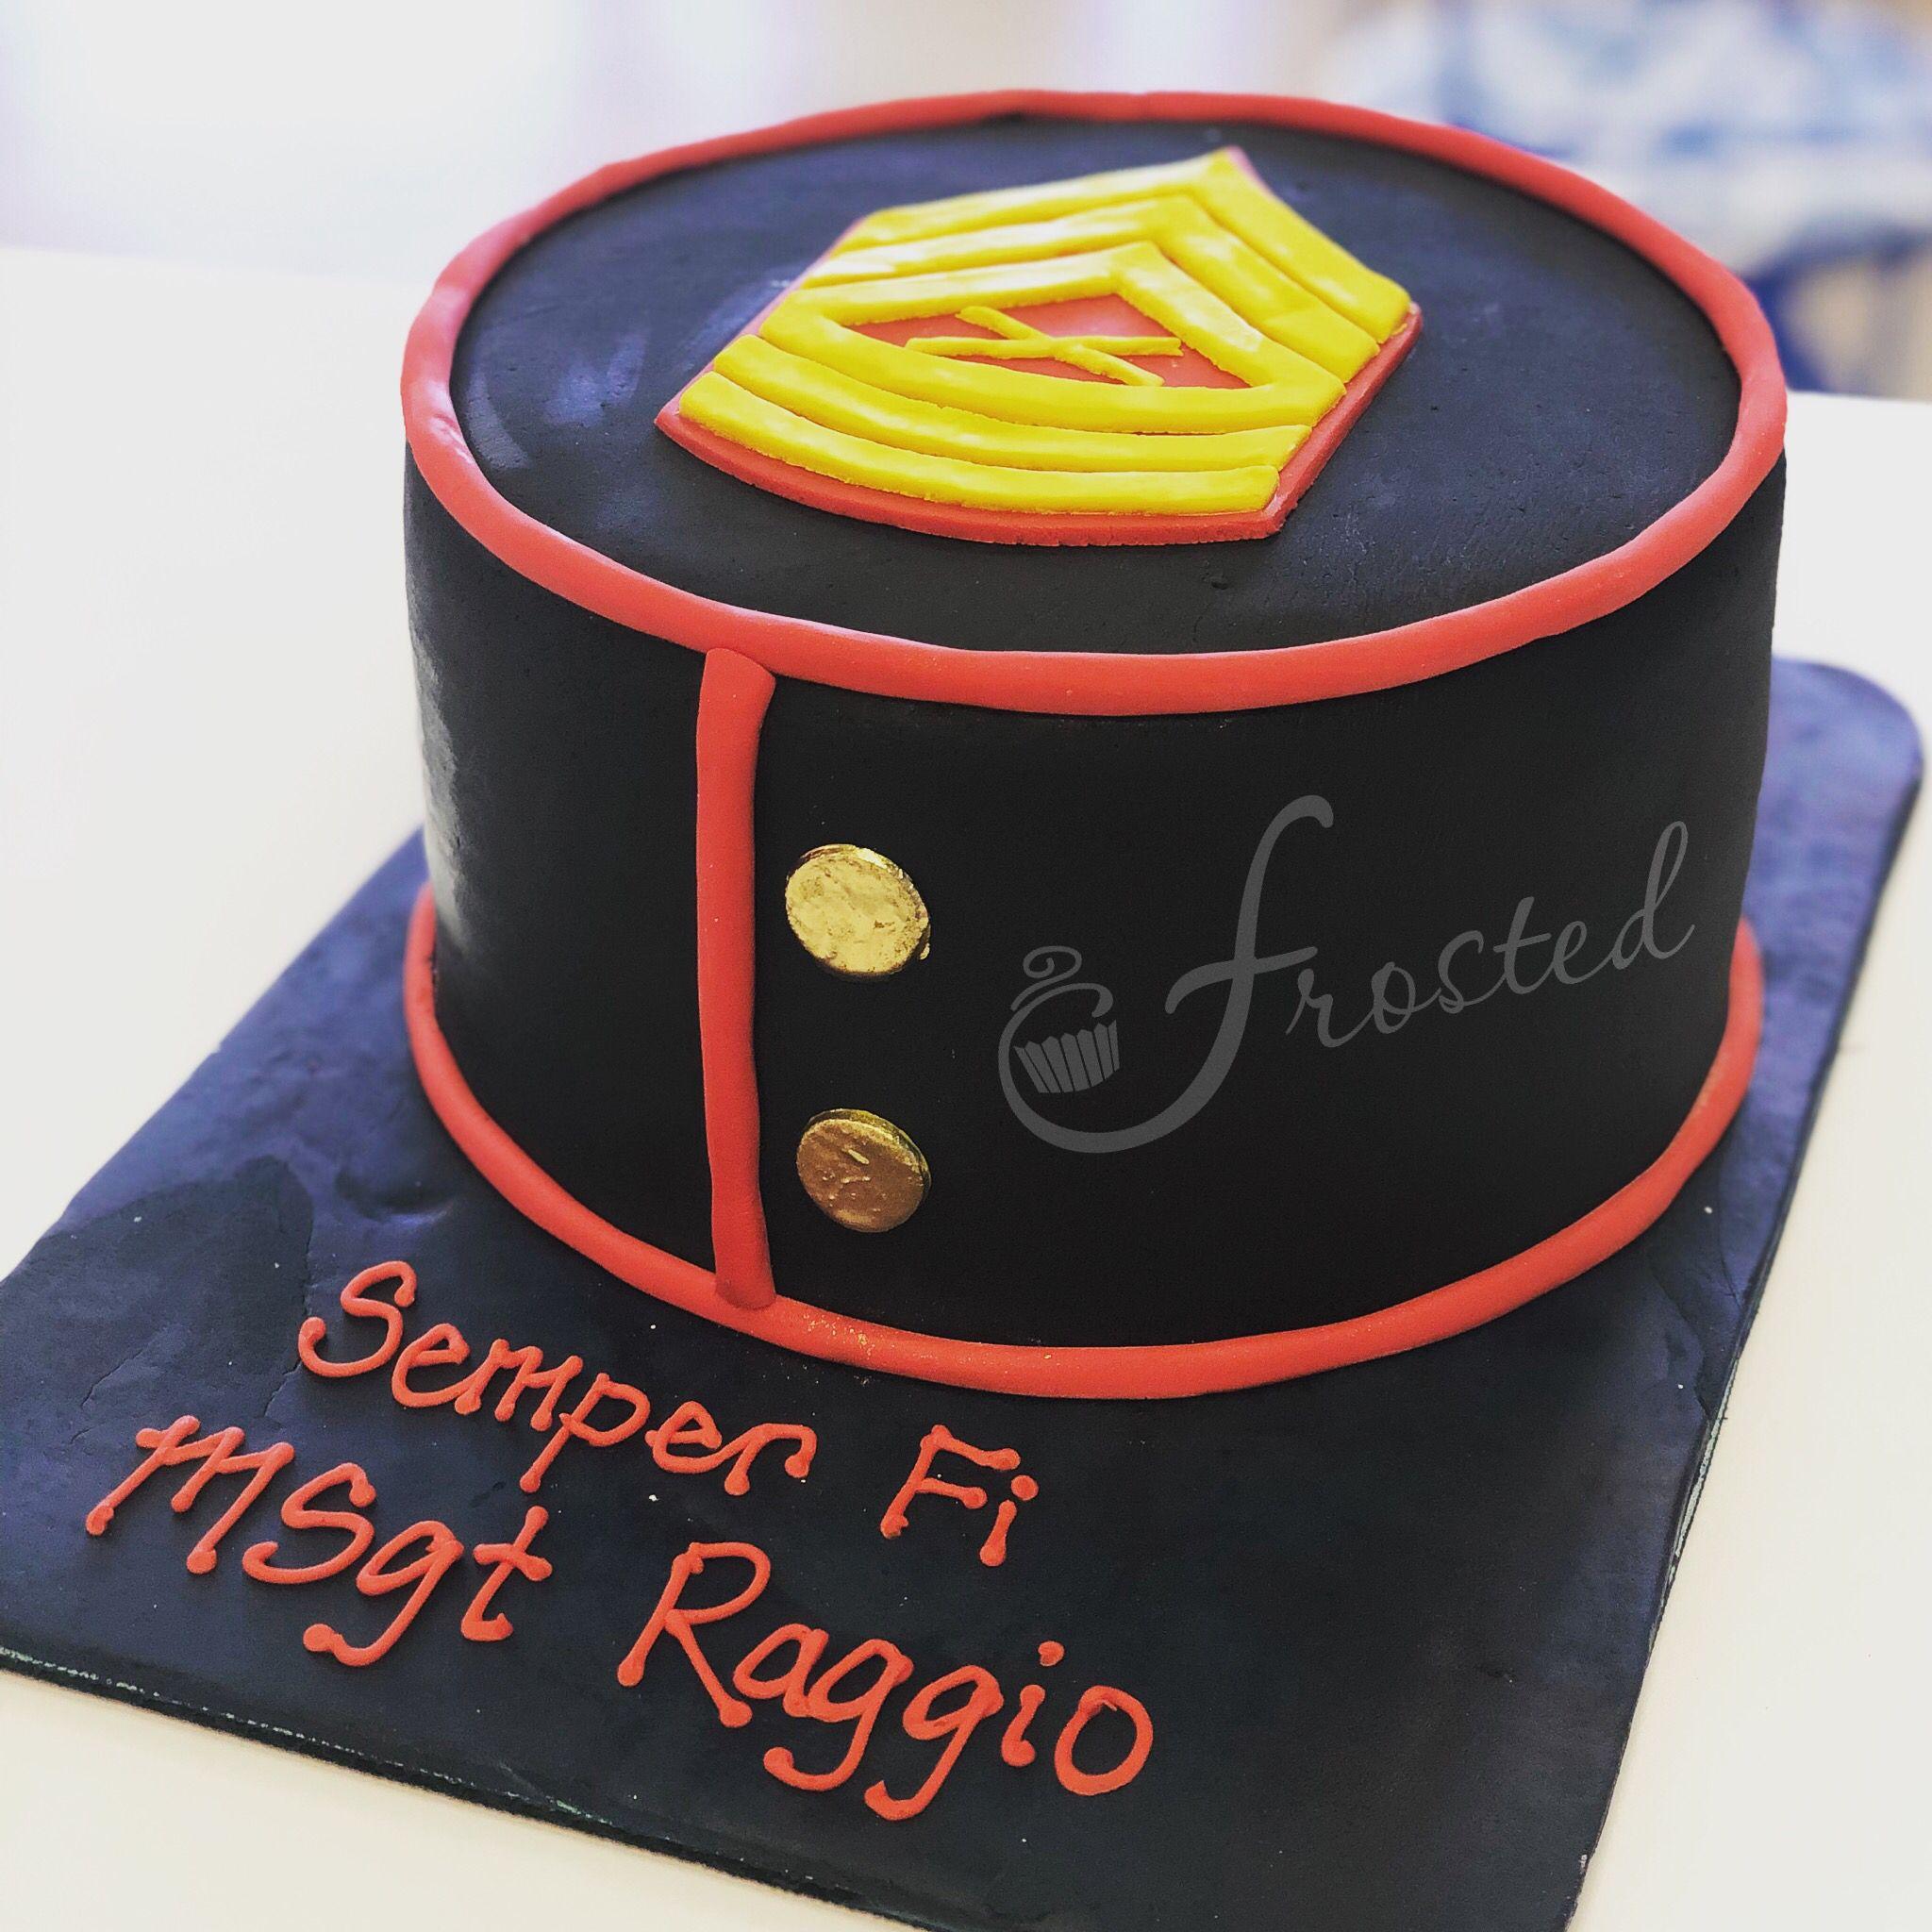 USMC cake Marine corps cake, New cake design, Marine cake